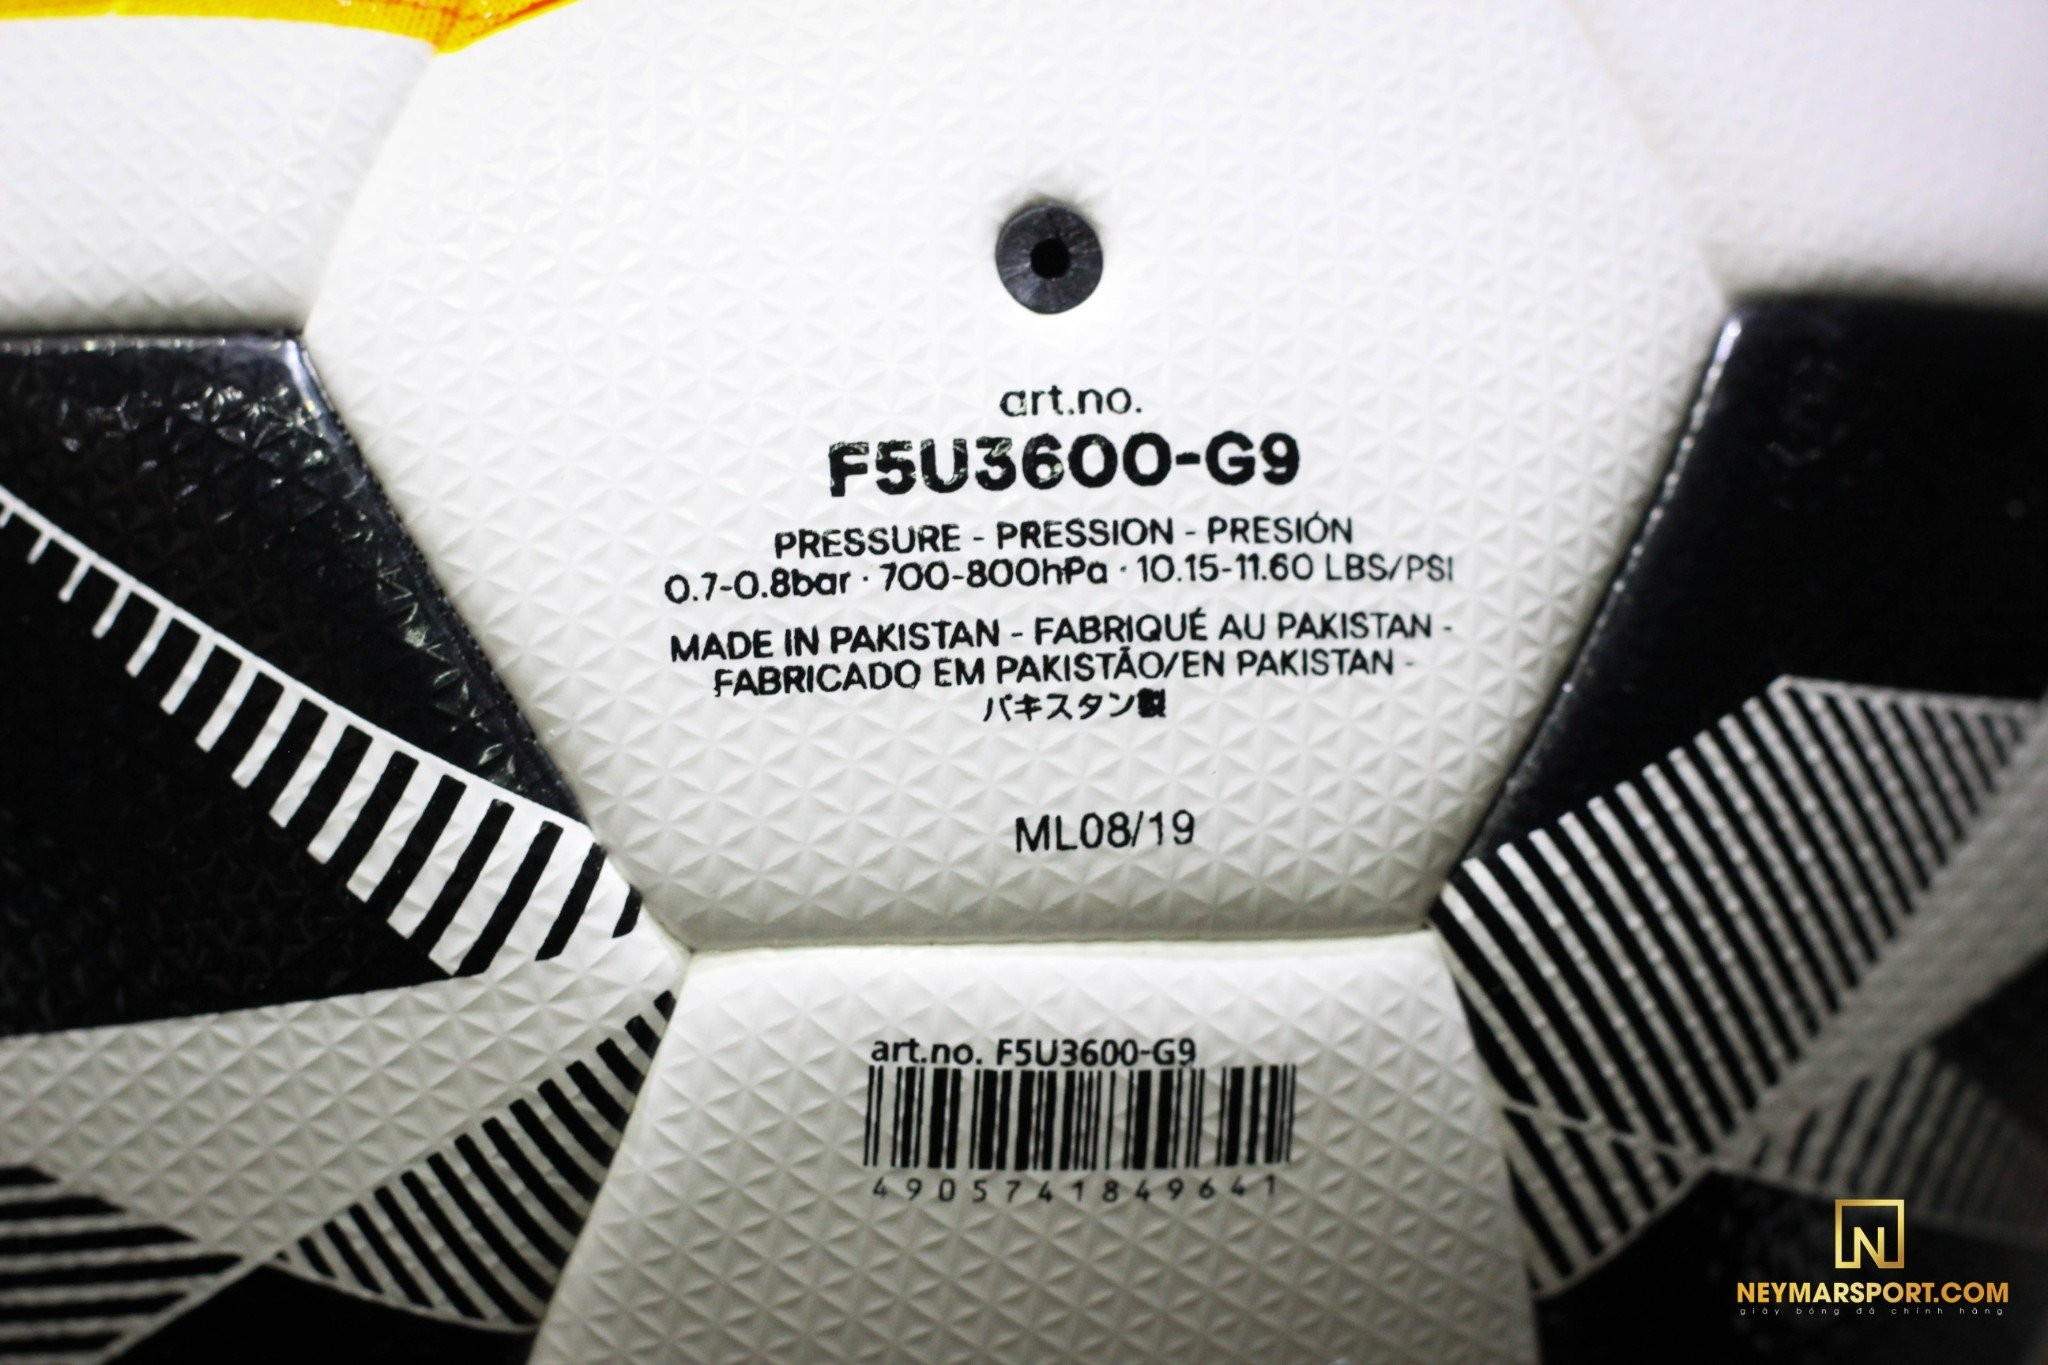 Bóng đá MOLTEN F5V3600-G9